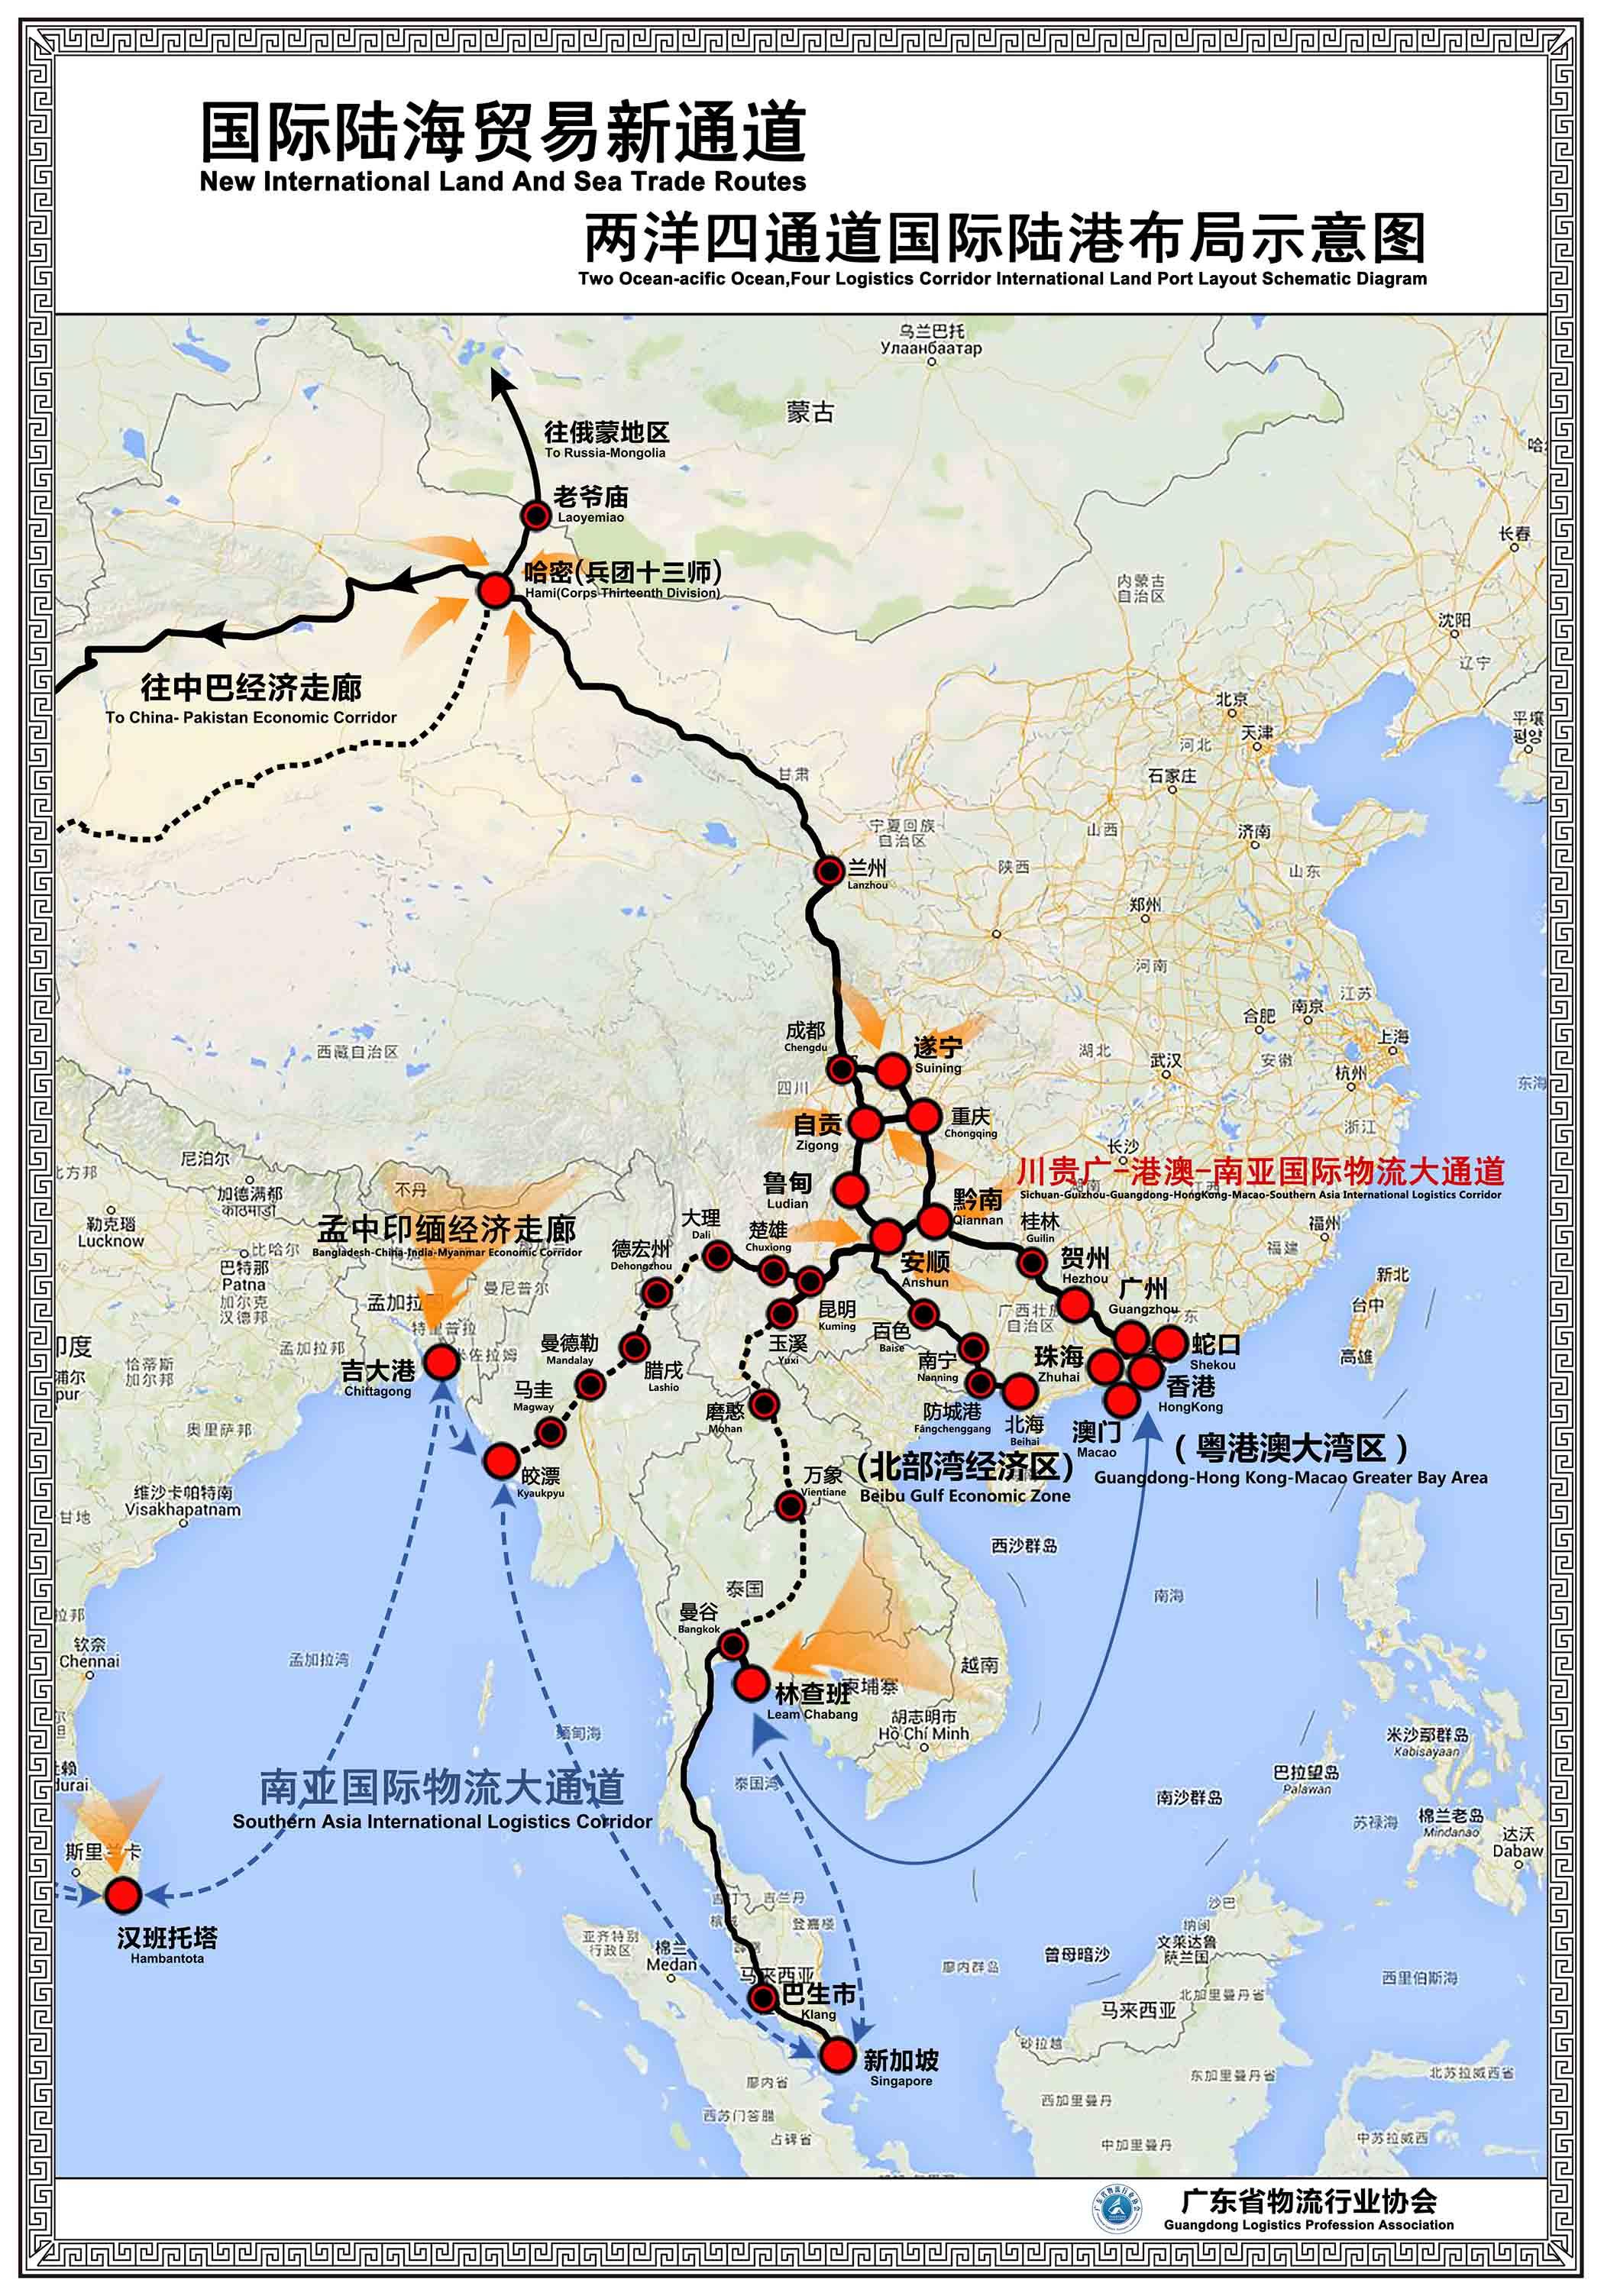 国际陆海贸易新通道 两洋四通道国际陆港布局示意图1.7.jpg